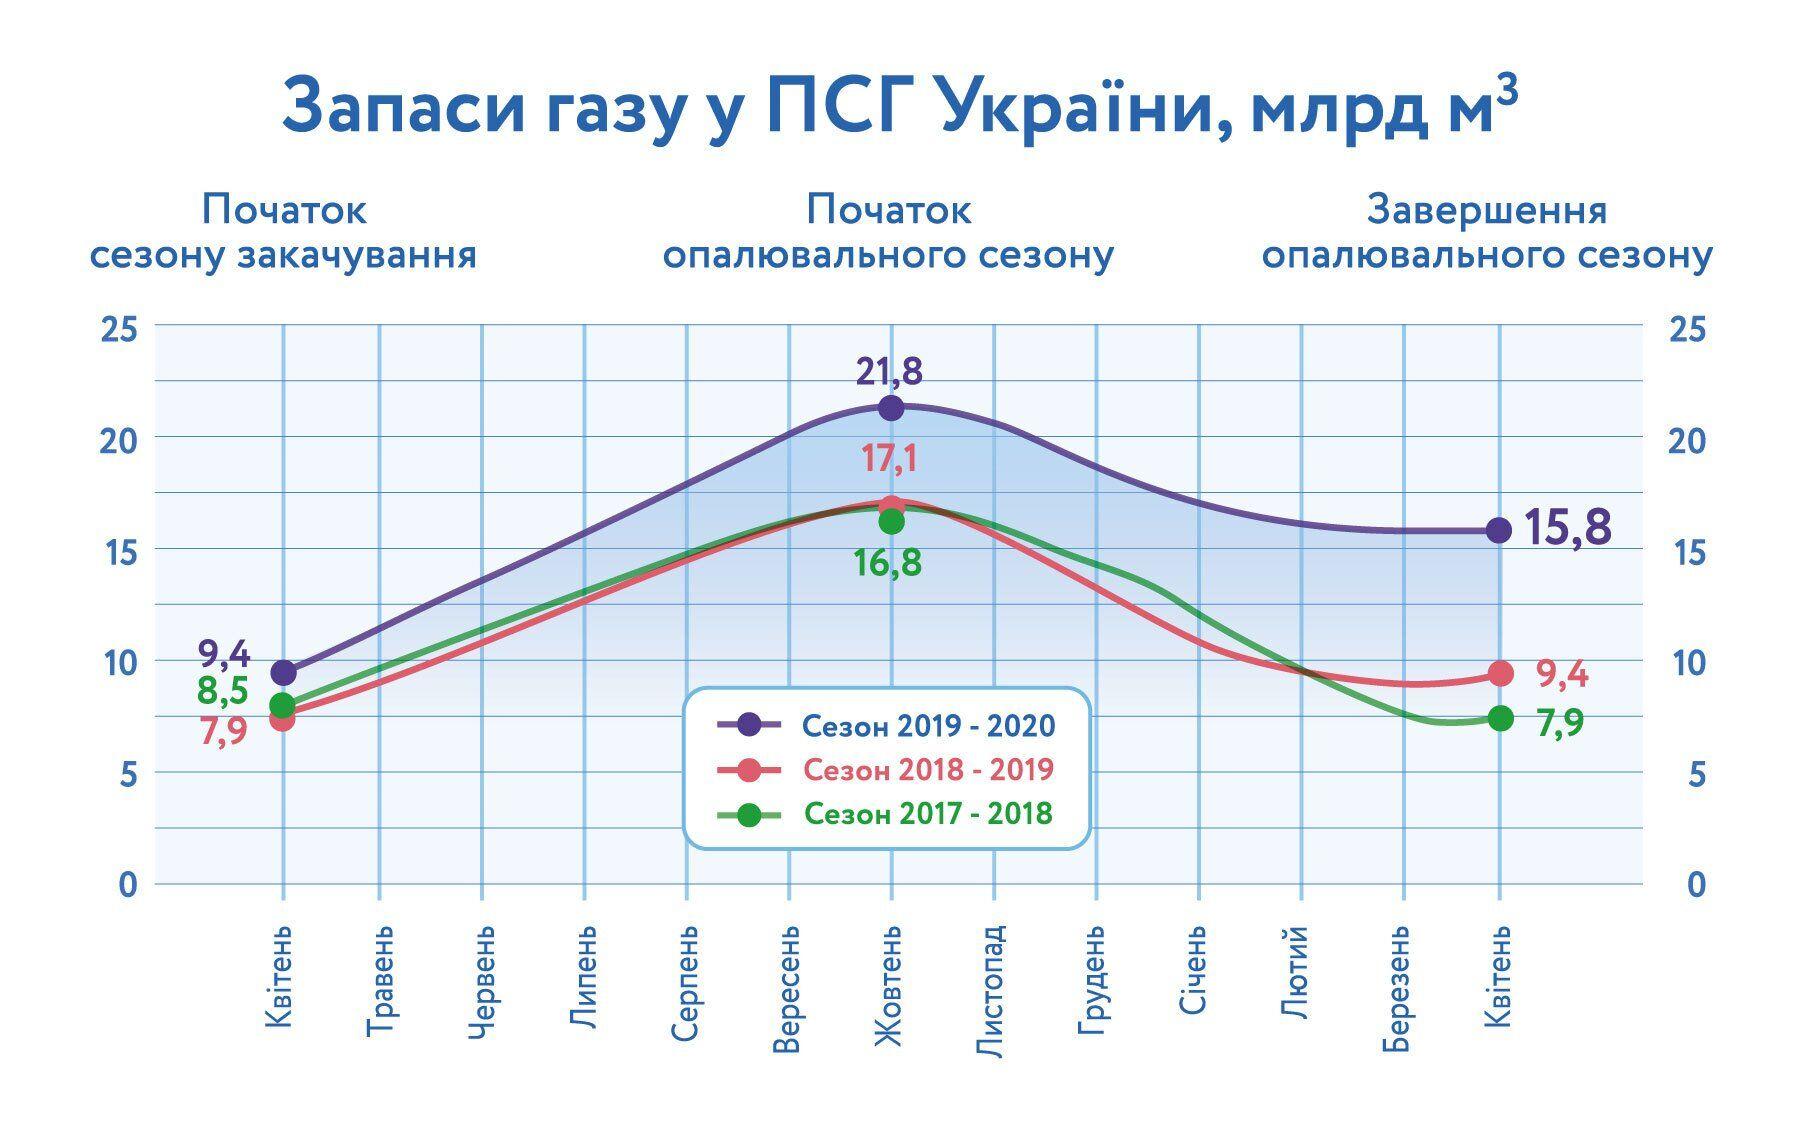 """""""Нафтогаз"""" потерял на импорте $350 млн: Витренко указал на ошибку компании"""